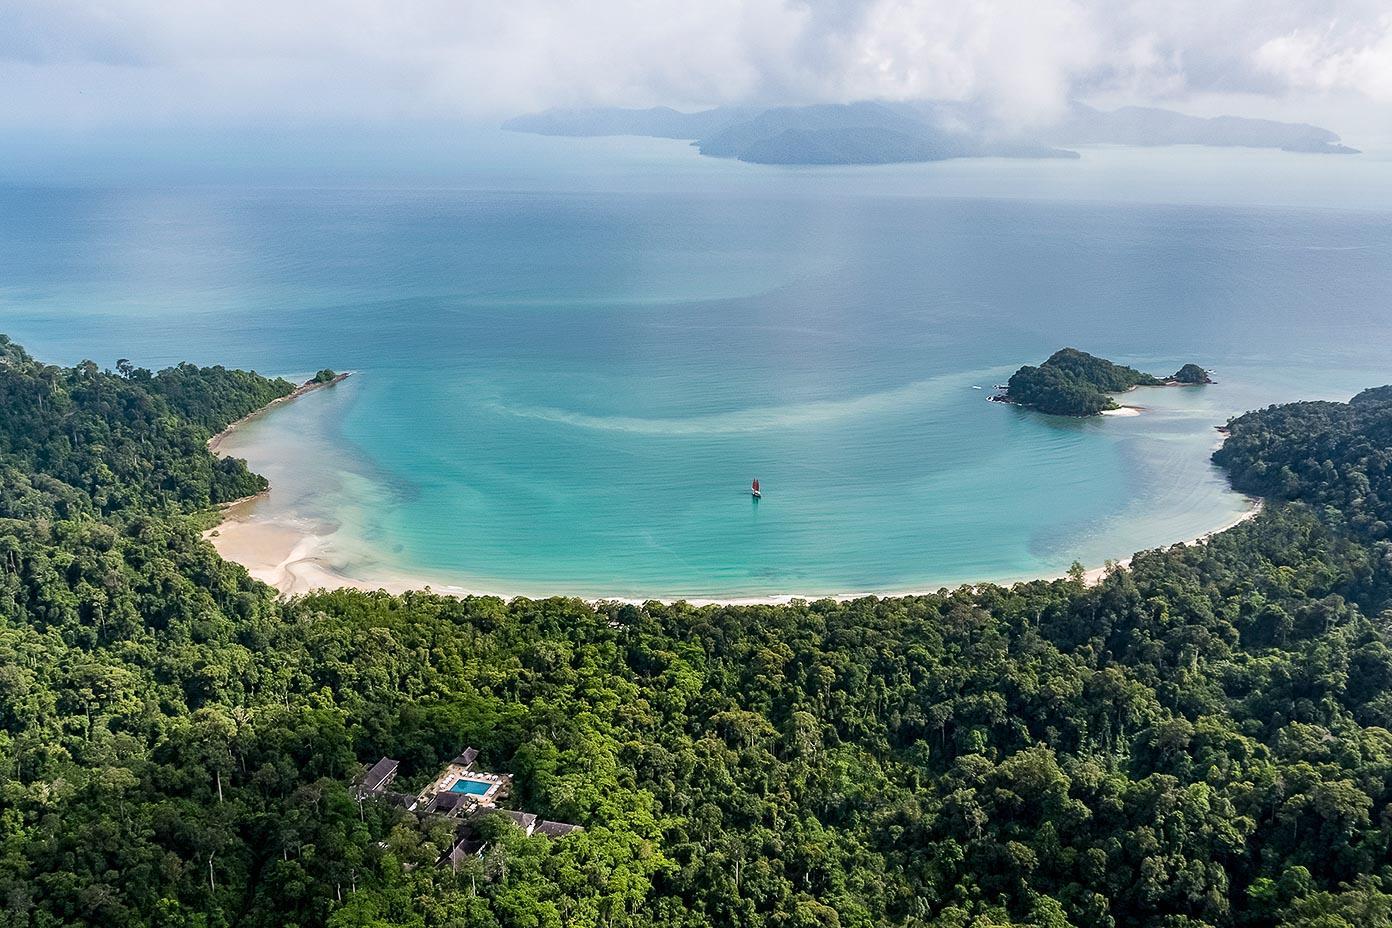 Le décor idyllique de la baie à laquelle The Datai Langkawi donne accès © DR